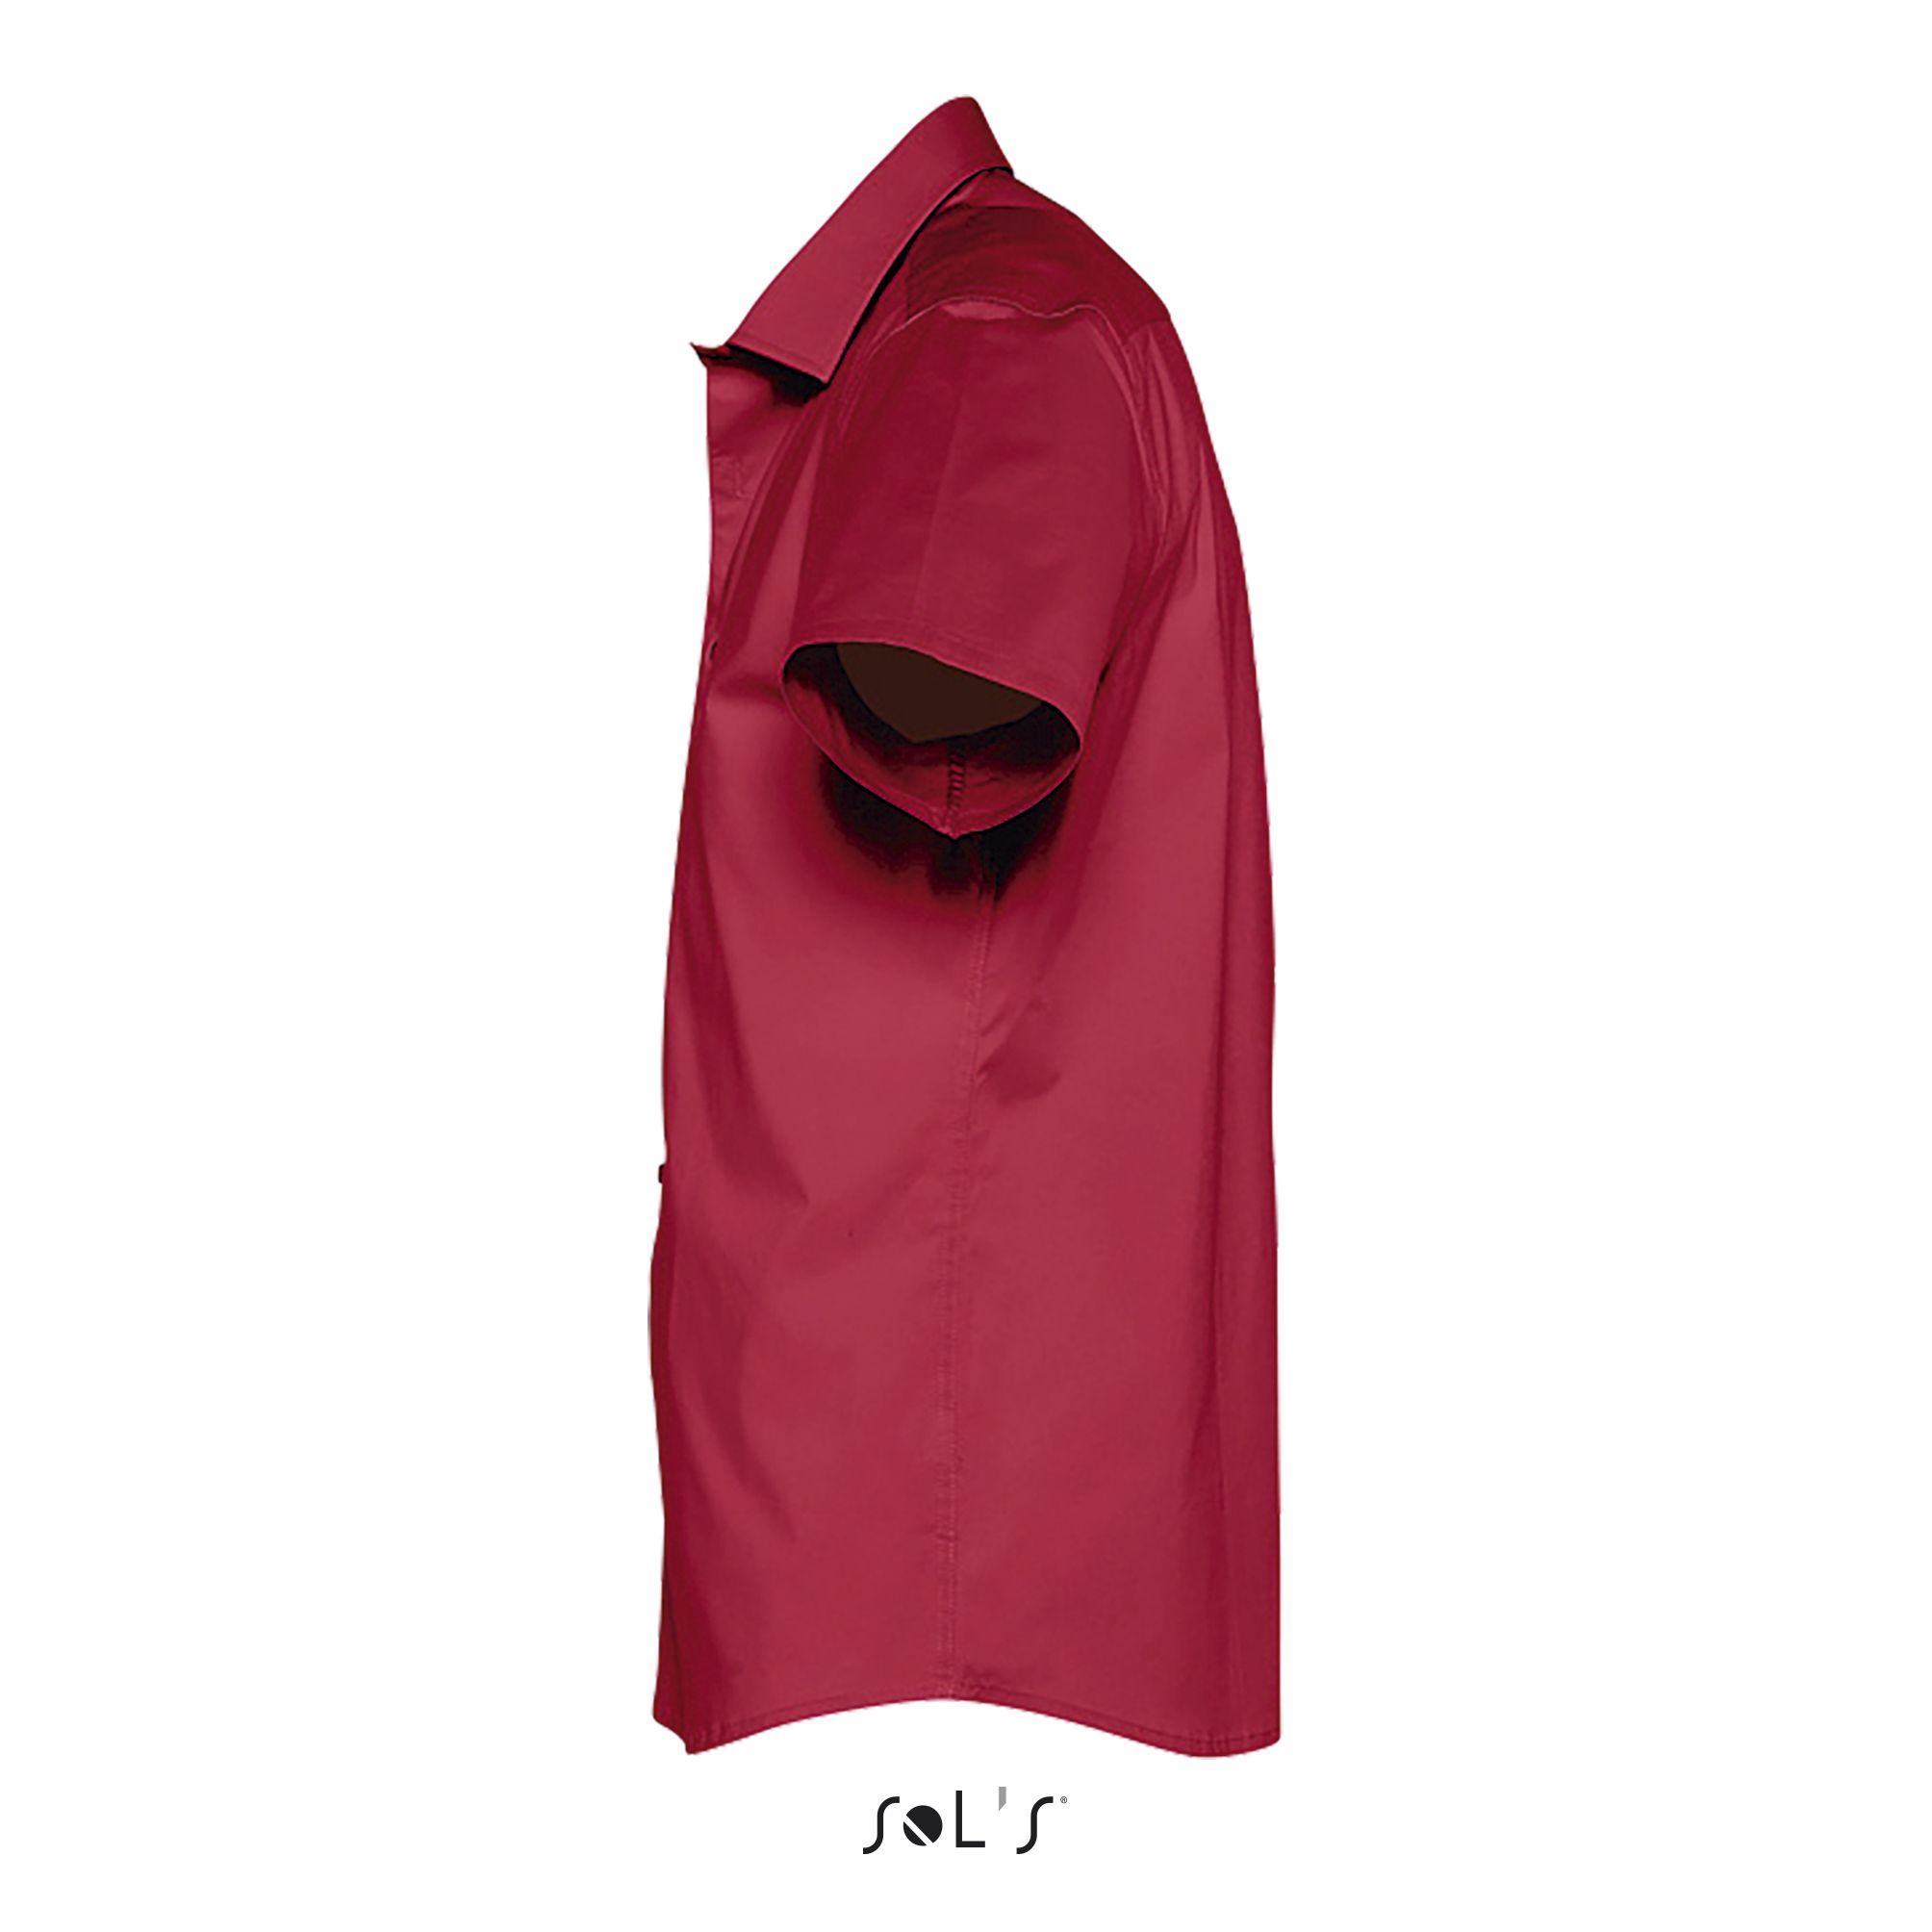 159 - Rouge cardinal